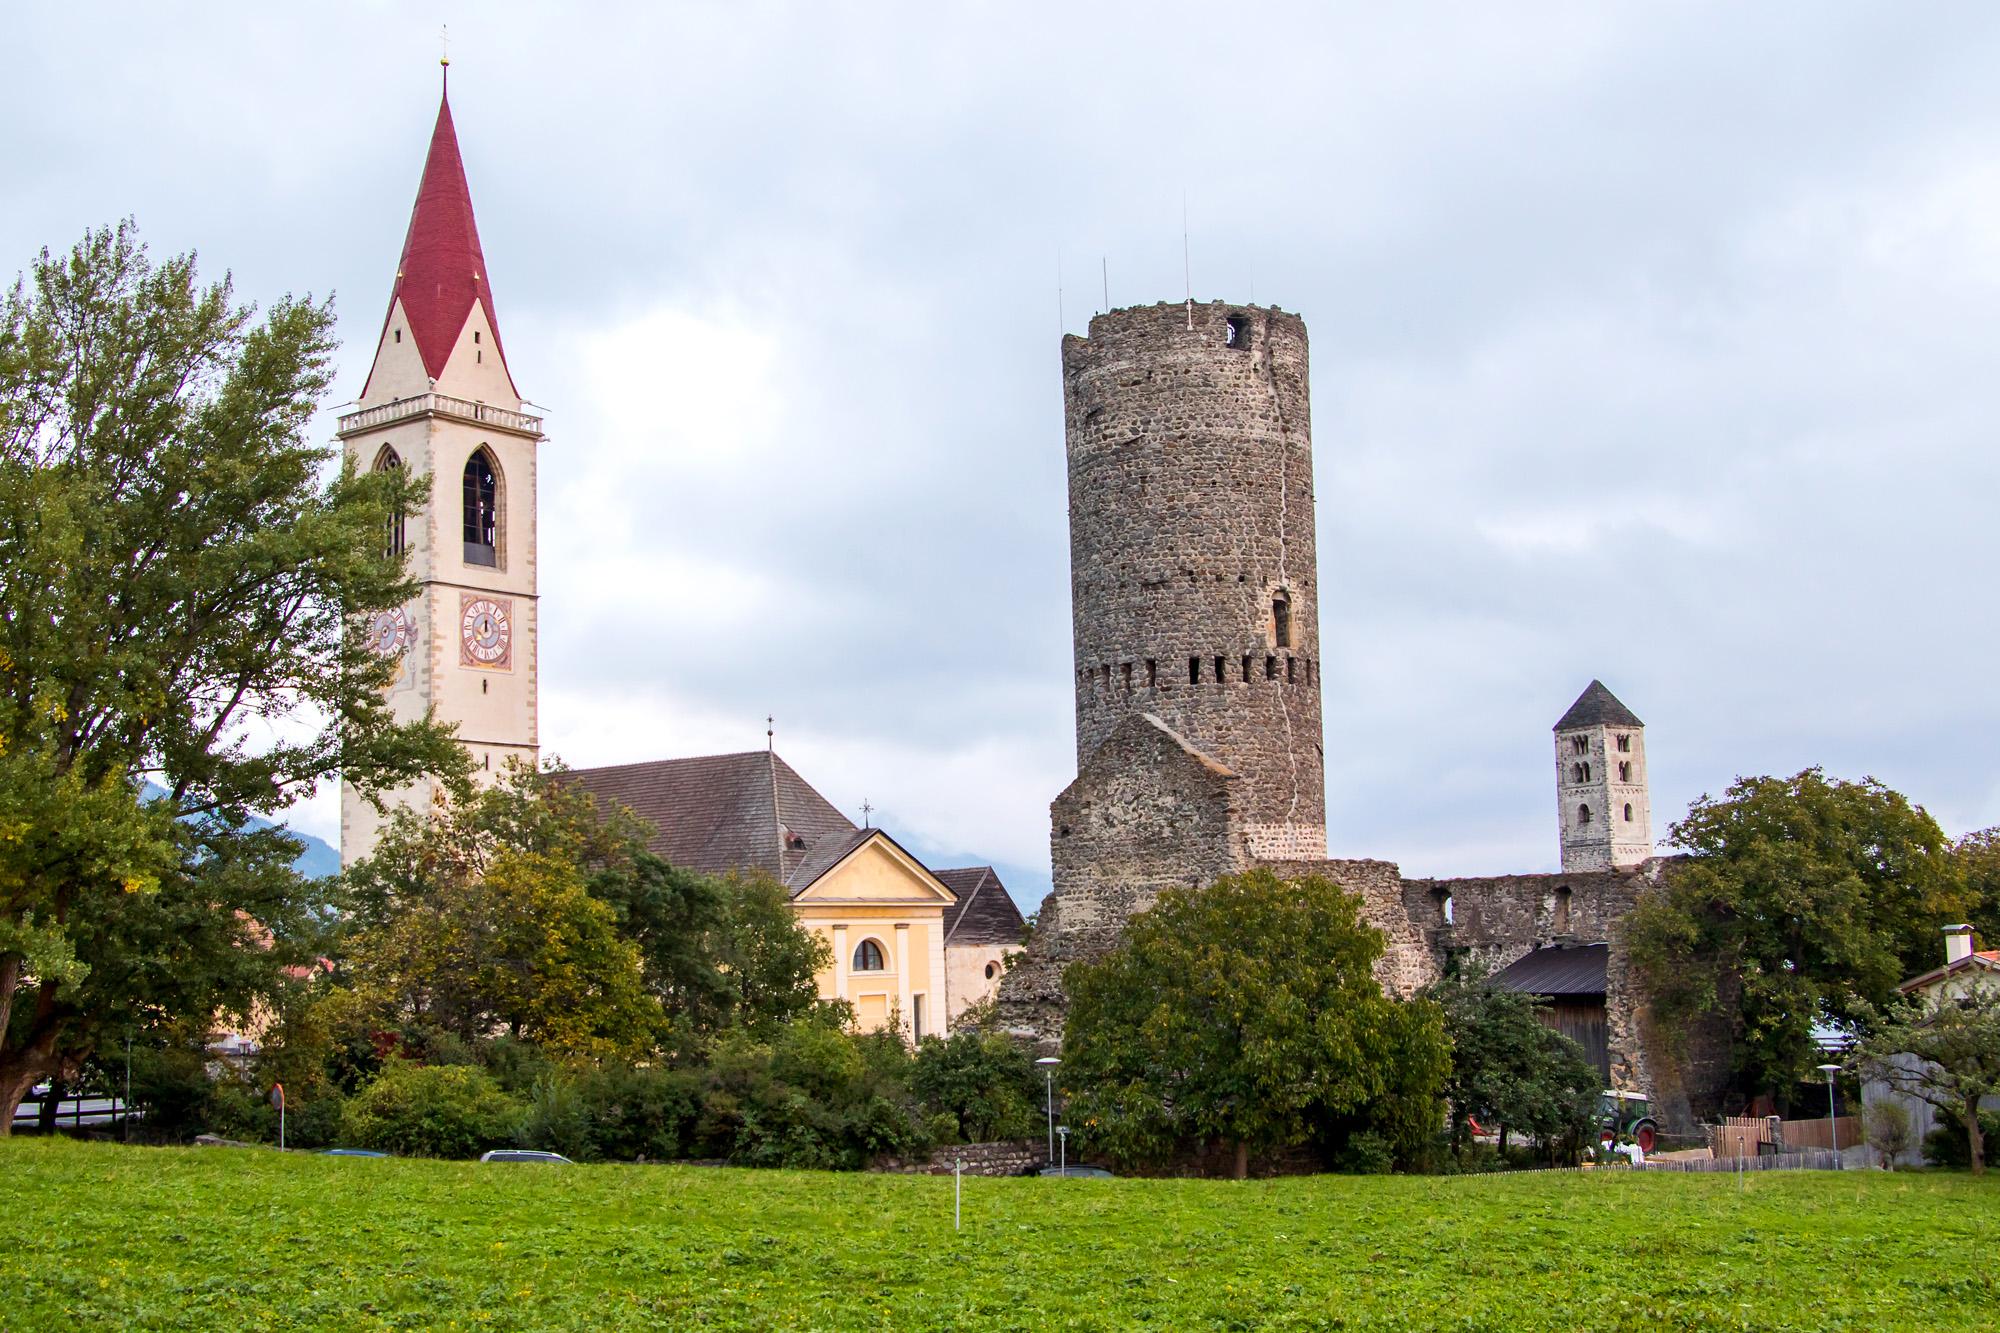 Drei Fünftel der Malser Türme: Kirche Maria Himmelfahrt, Bergfried der Burg Fröhlichsburg, und Turm der Kirche St. Benedikt - alle aus dem 12. und 13. Jahrhundert